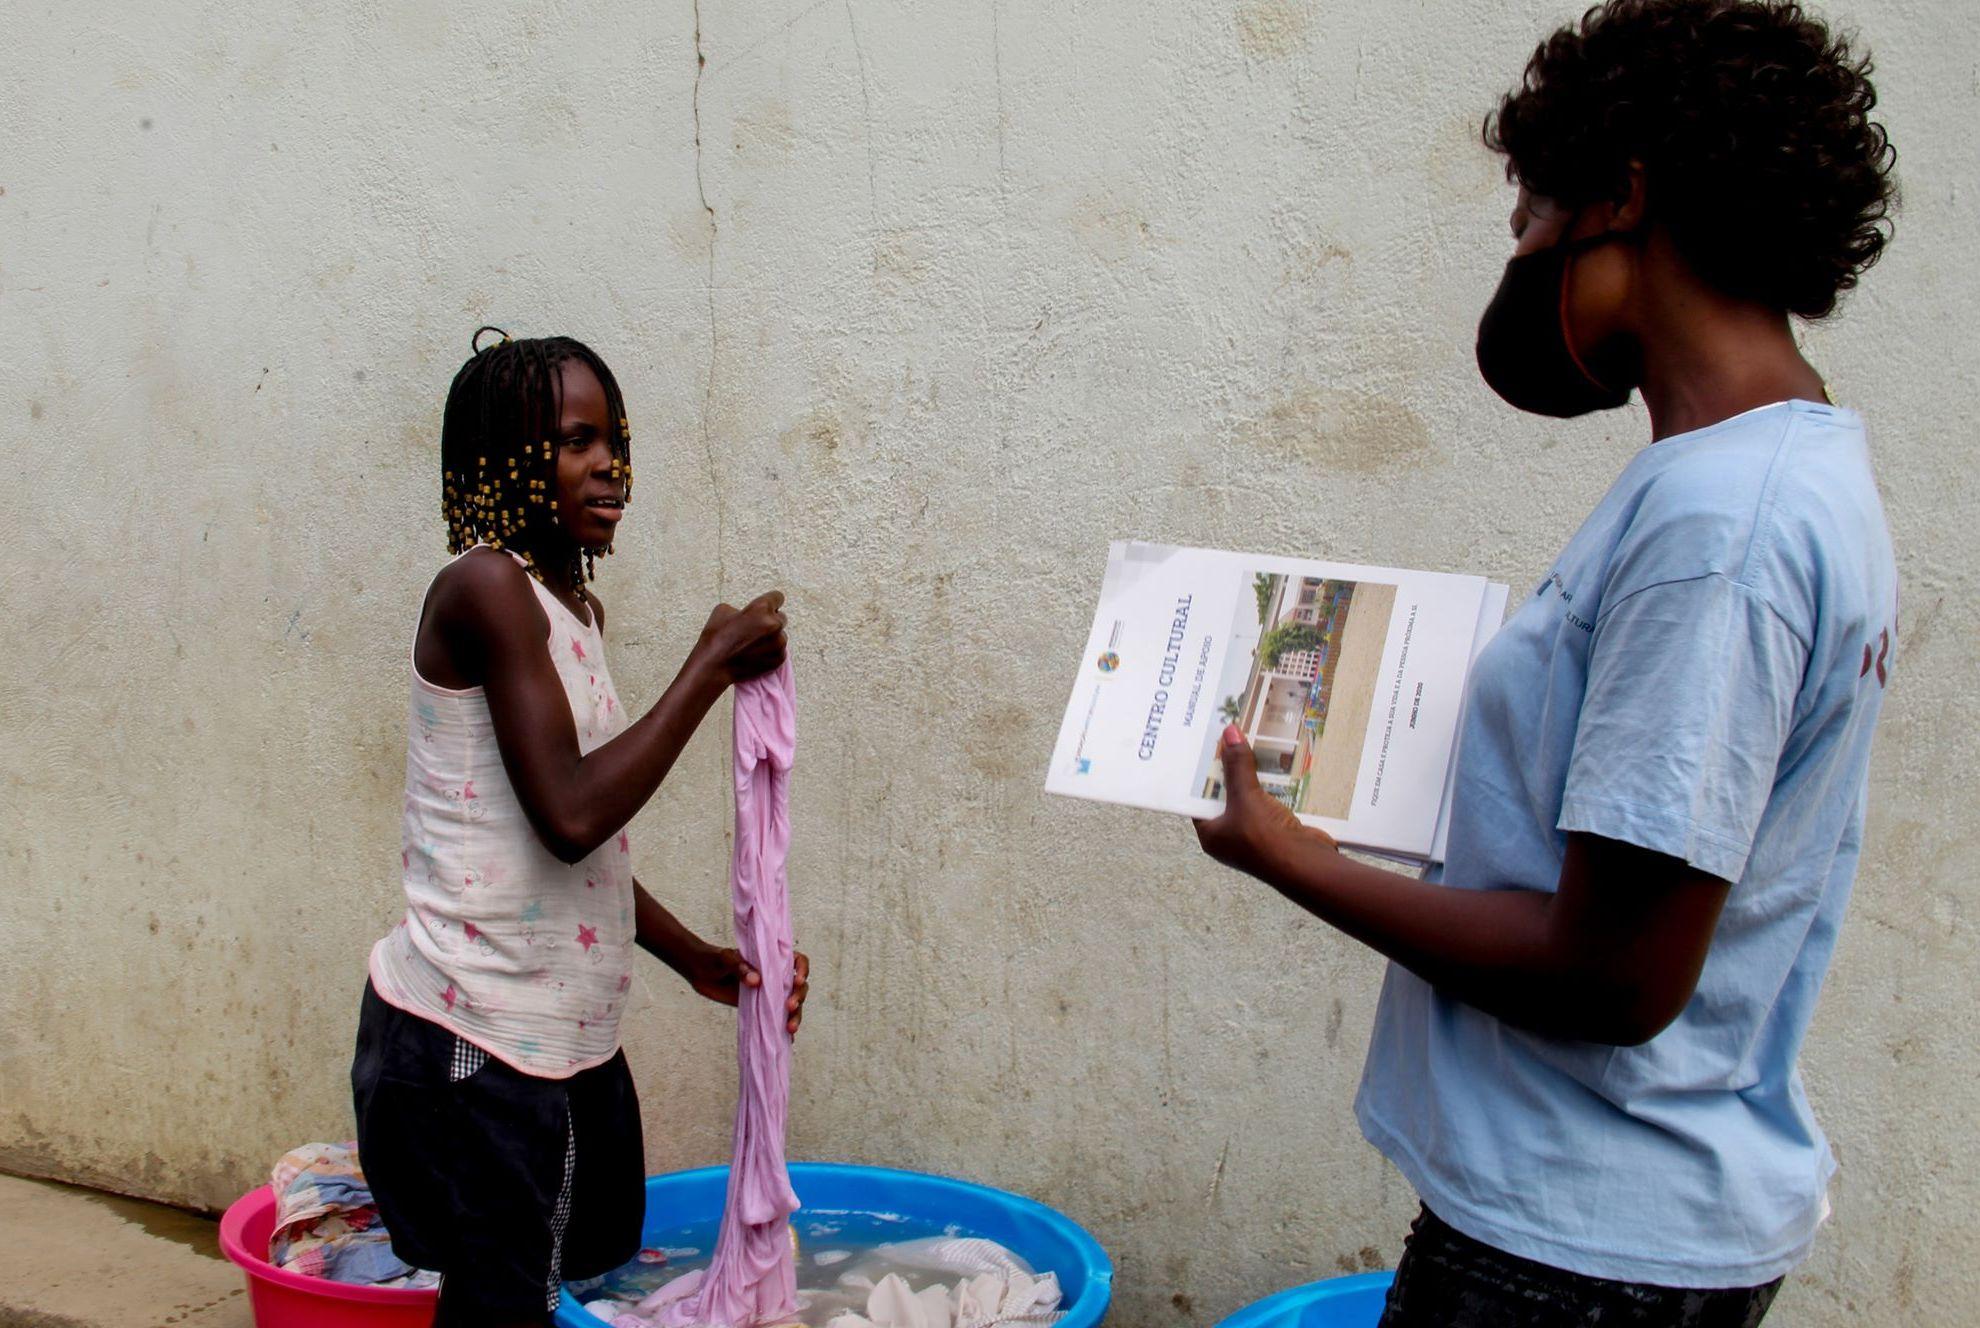 """Próxima edição do FALE CONNOSCO vai debater sobre a """"Protecção da criança no contexto do confinamento"""""""